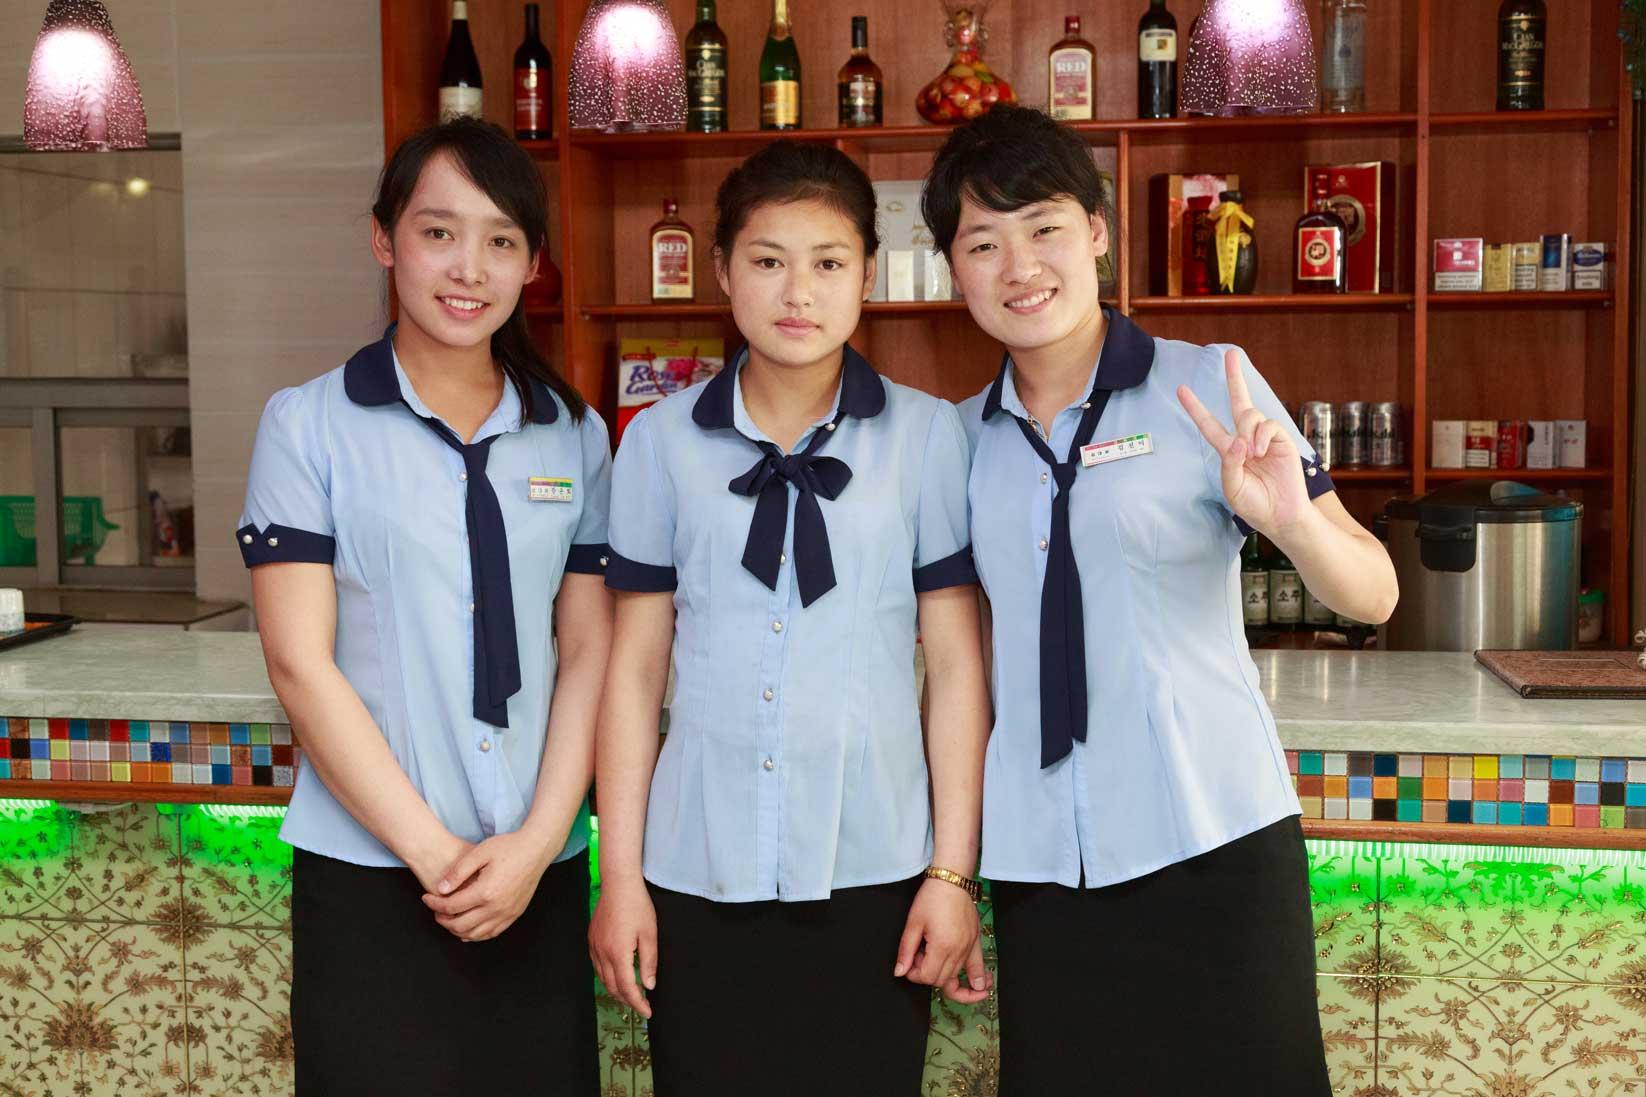 2014年版 北朝鮮のグルメ5泊6日のすべて【後編】_b0235153_23455127.jpg